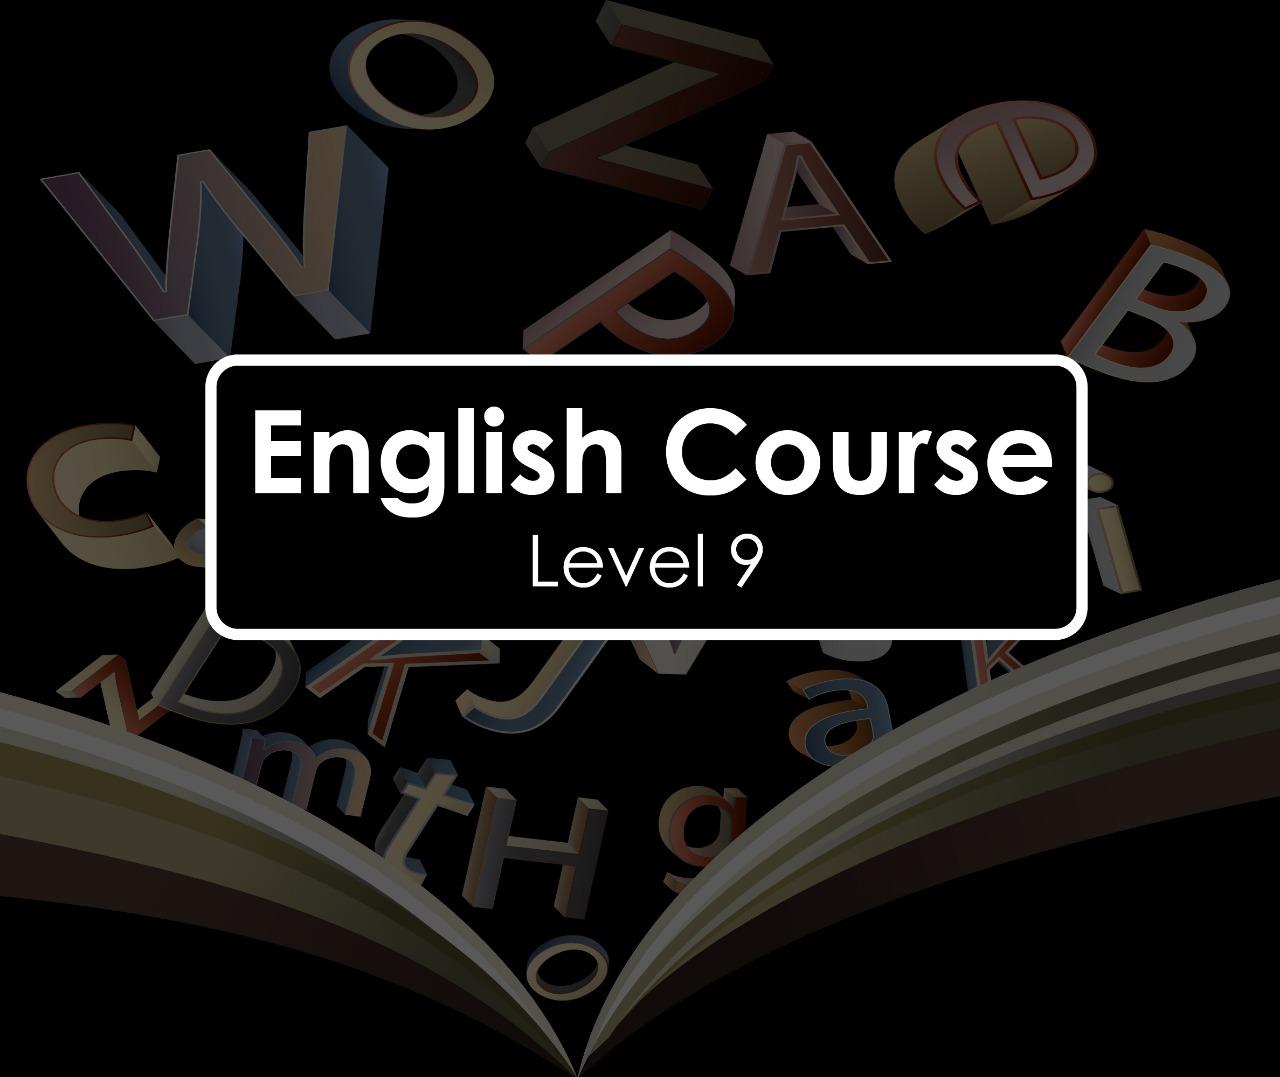 English level 9